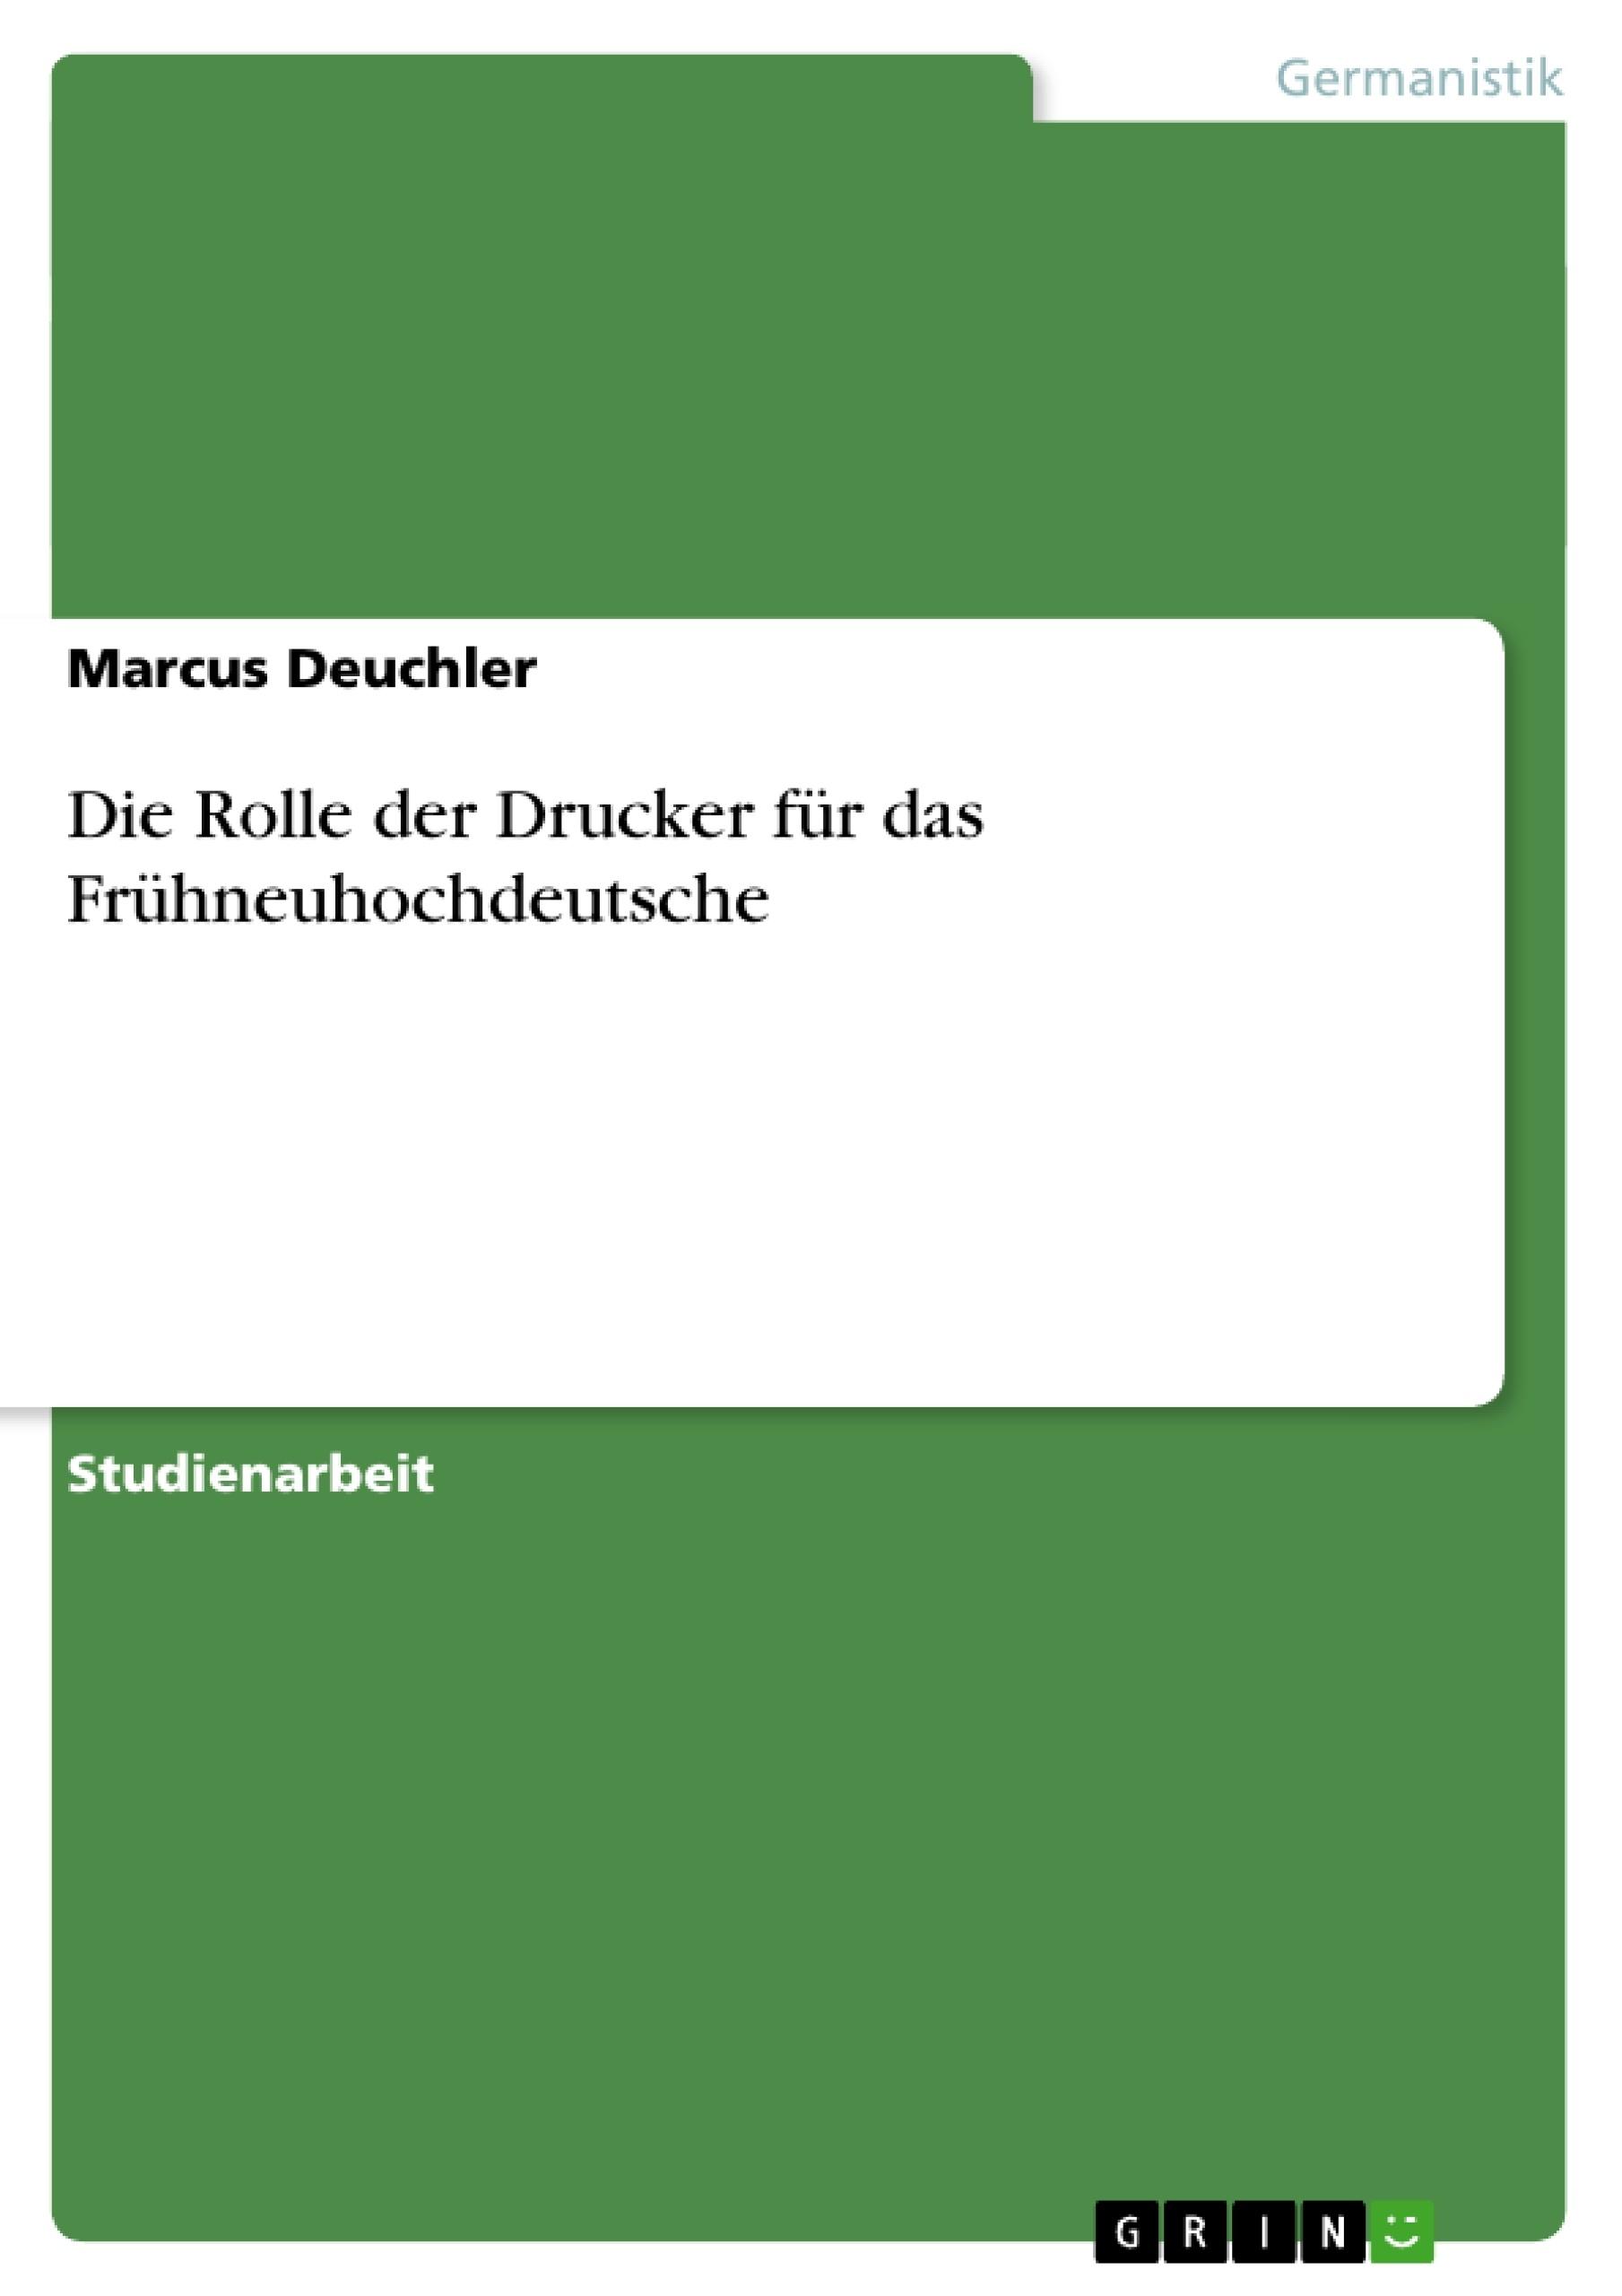 Titel: Die Rolle der Drucker für das Frühneuhochdeutsche